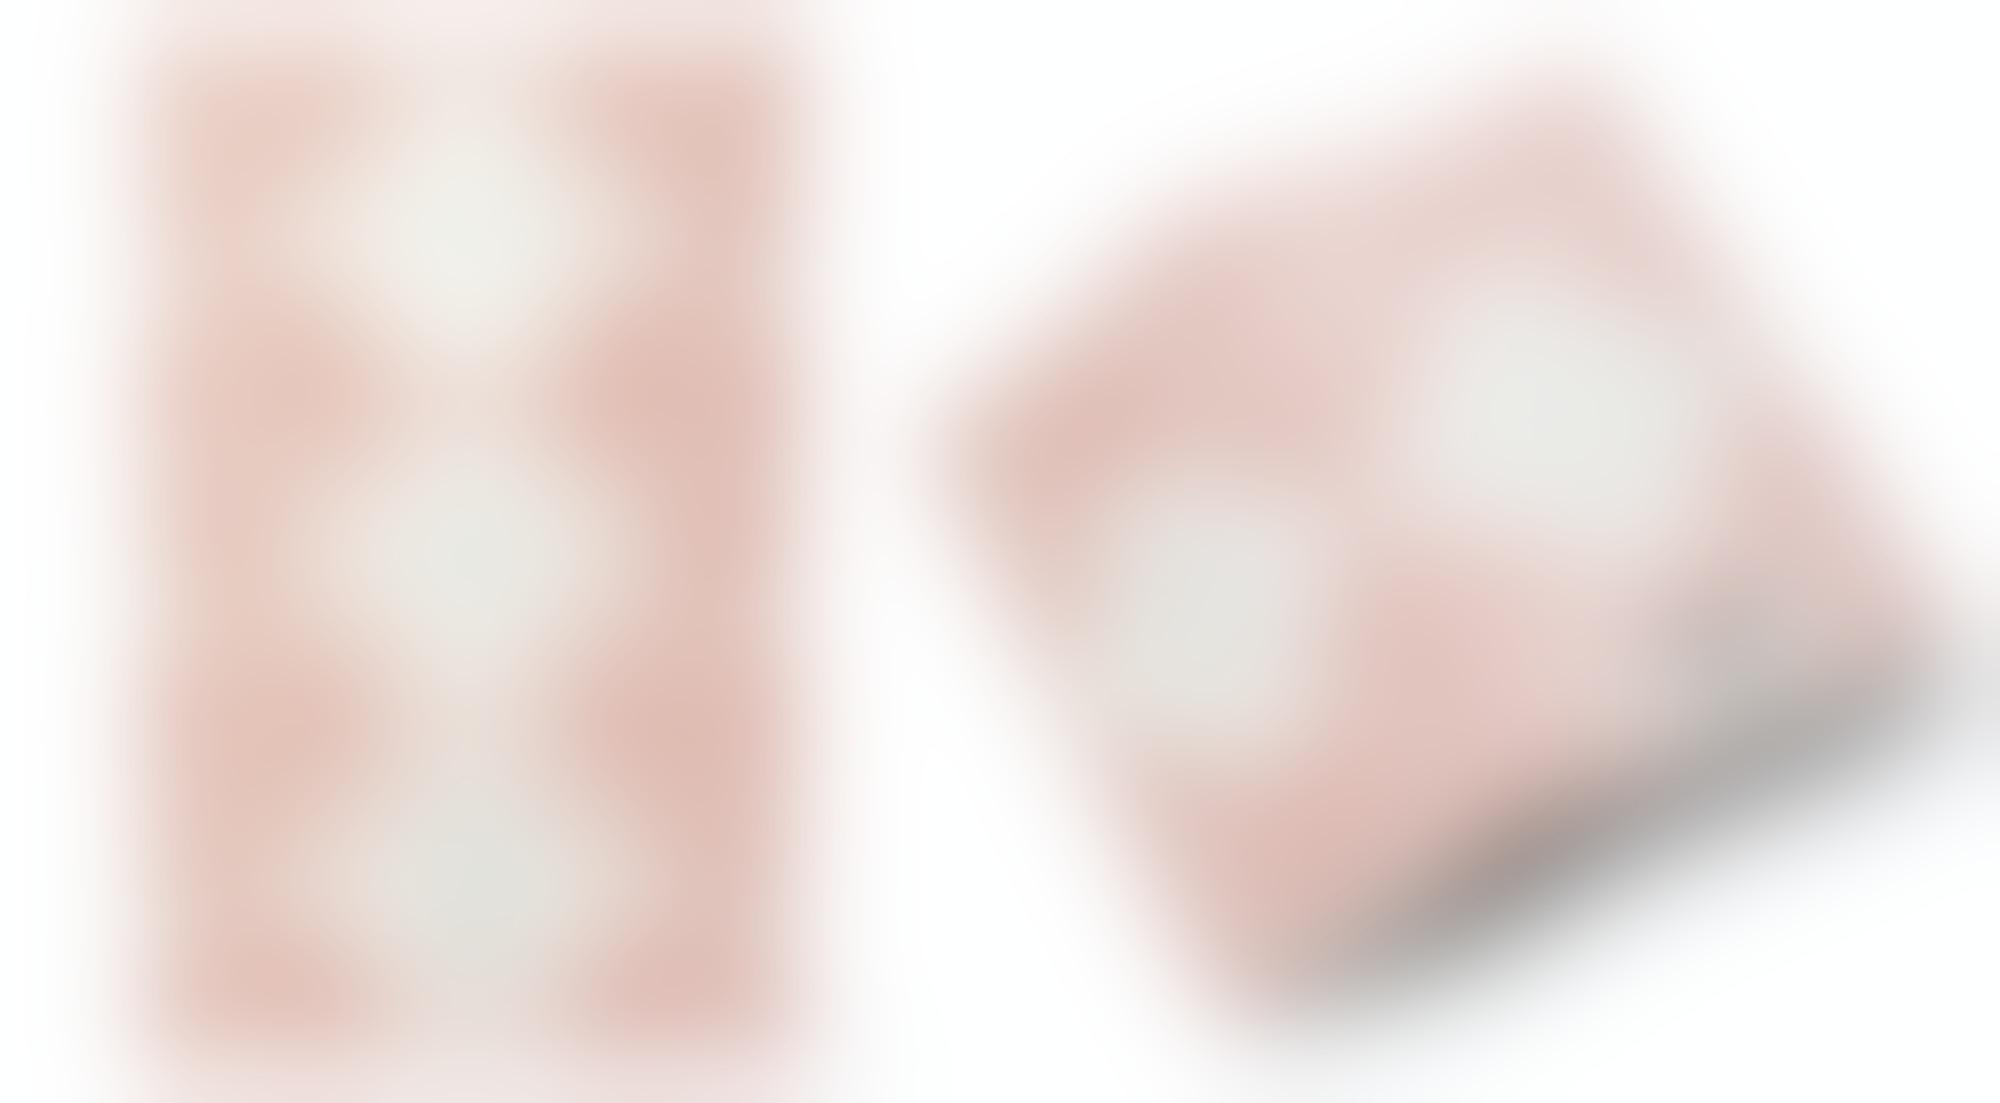 YT6 autocompressfitresizeixlibphp 1 1 0max h2000max w3 D2000q80s8cd64617de920b8a9037293d8d774e28